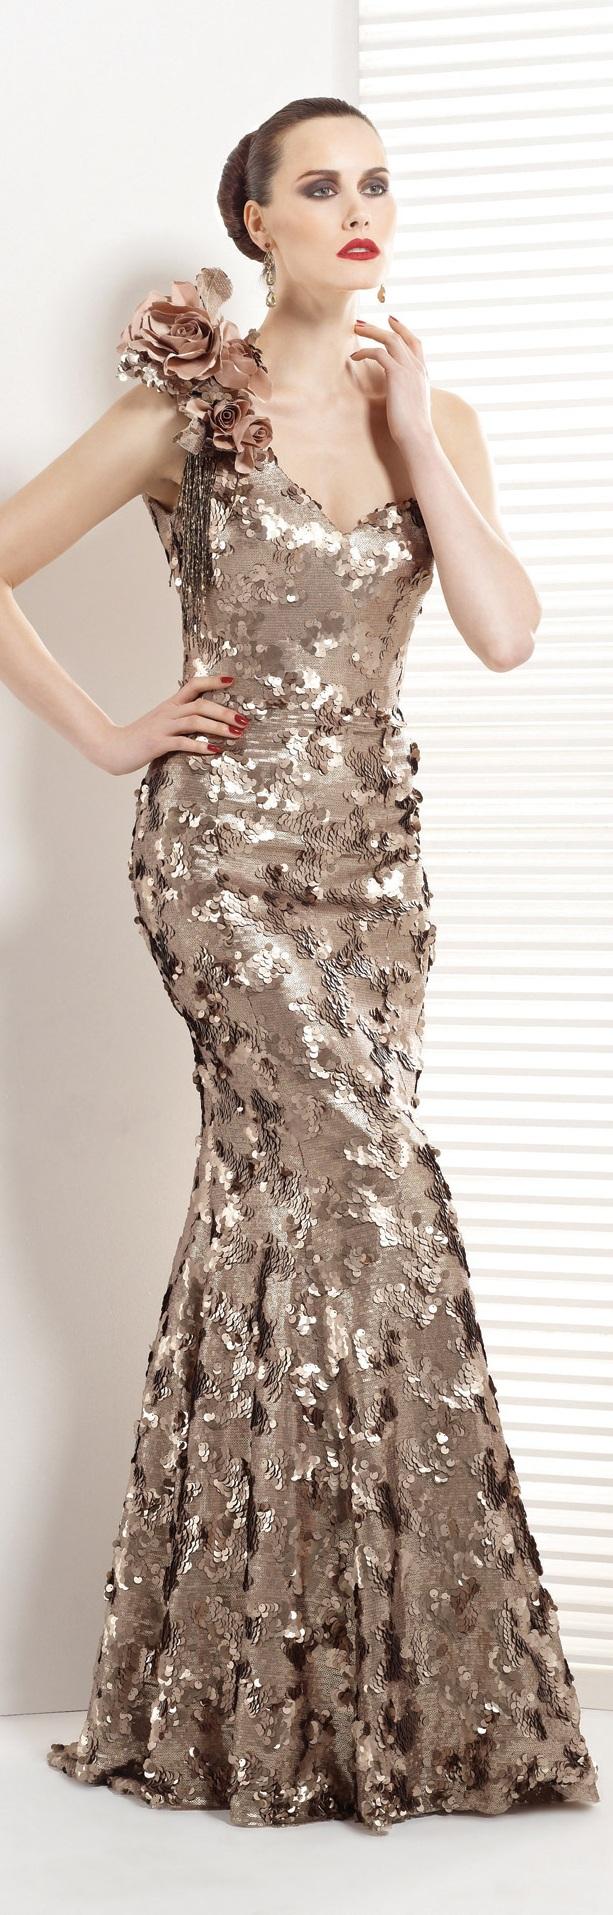 Pin by kelly on designer tarik ediz pinterest dresses gowns